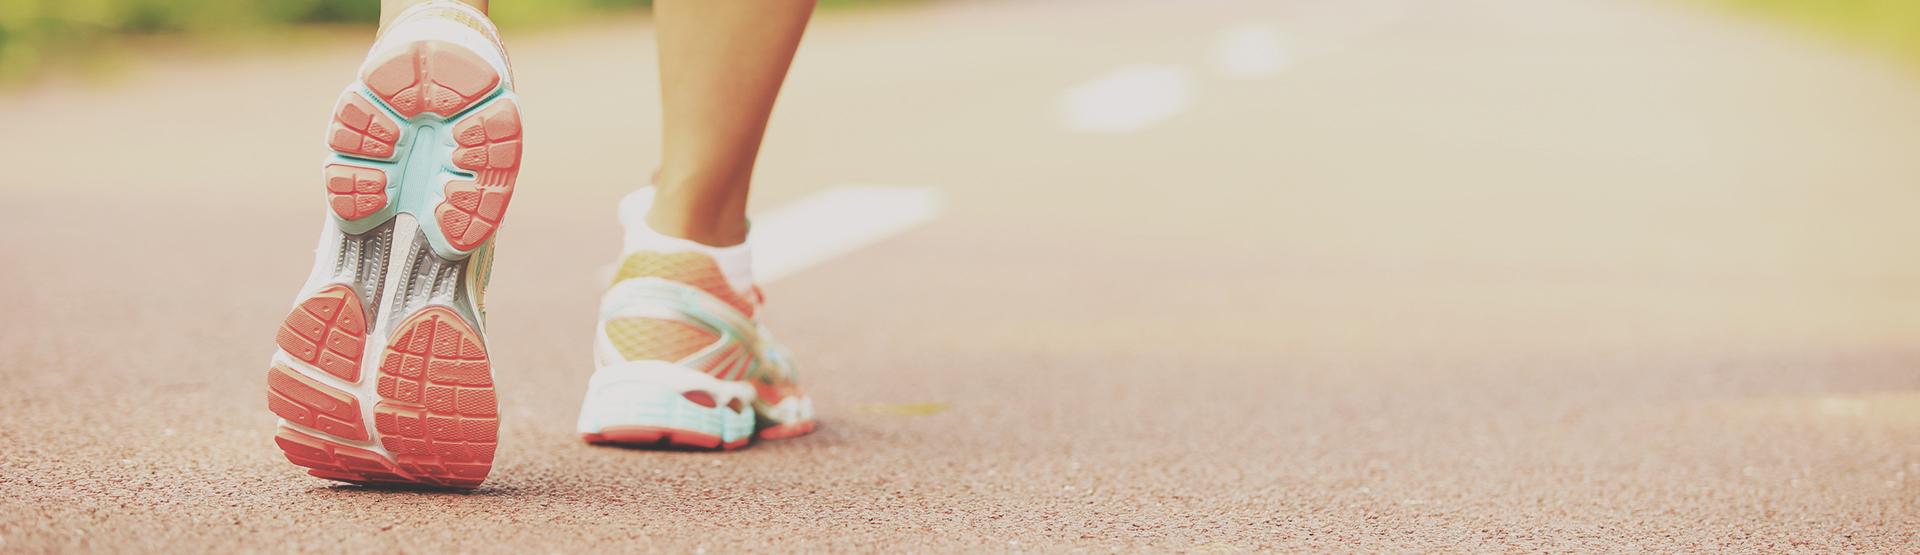 Suar para melhorar: as atividades físicas na melhora da dor.